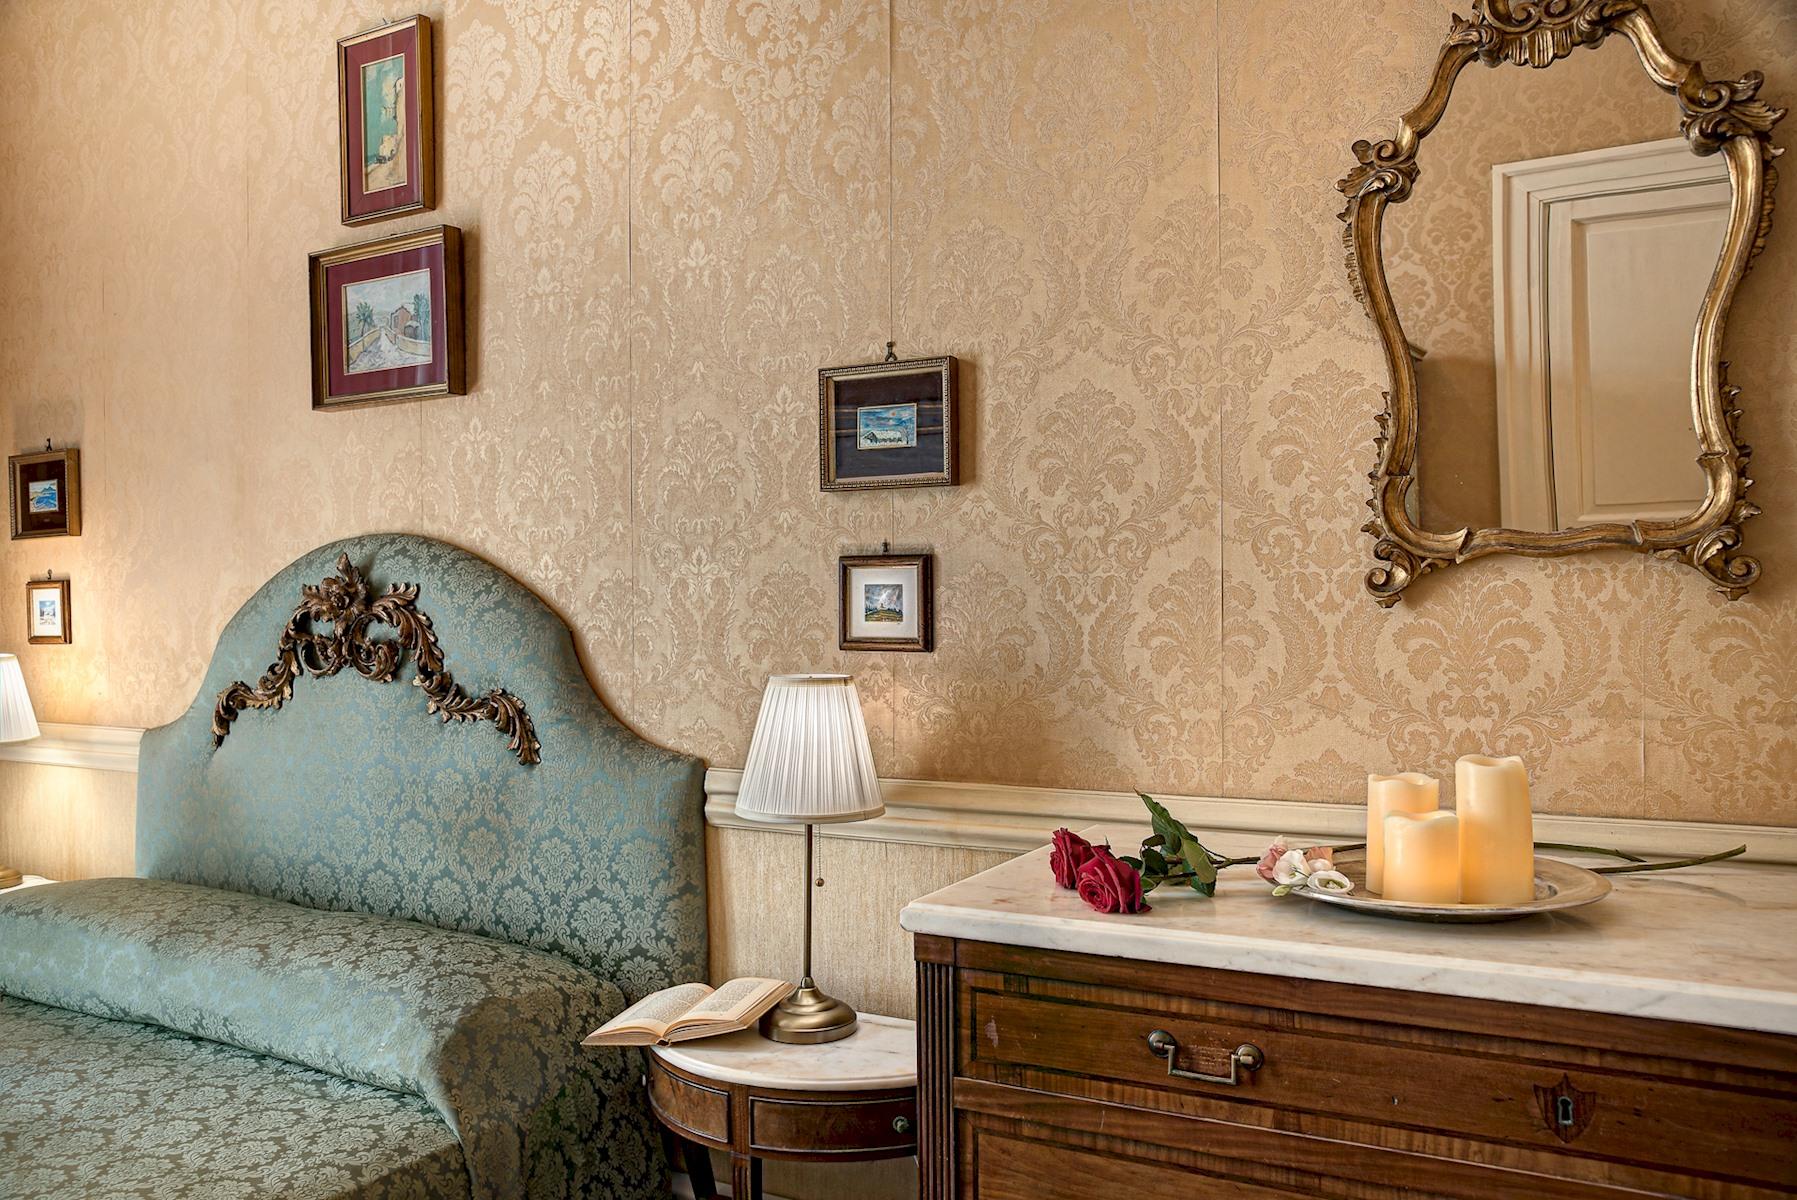 Arthouse - Lady Mary's Tribunali Luxury Suite - Naples Historical Centre photo 19172925